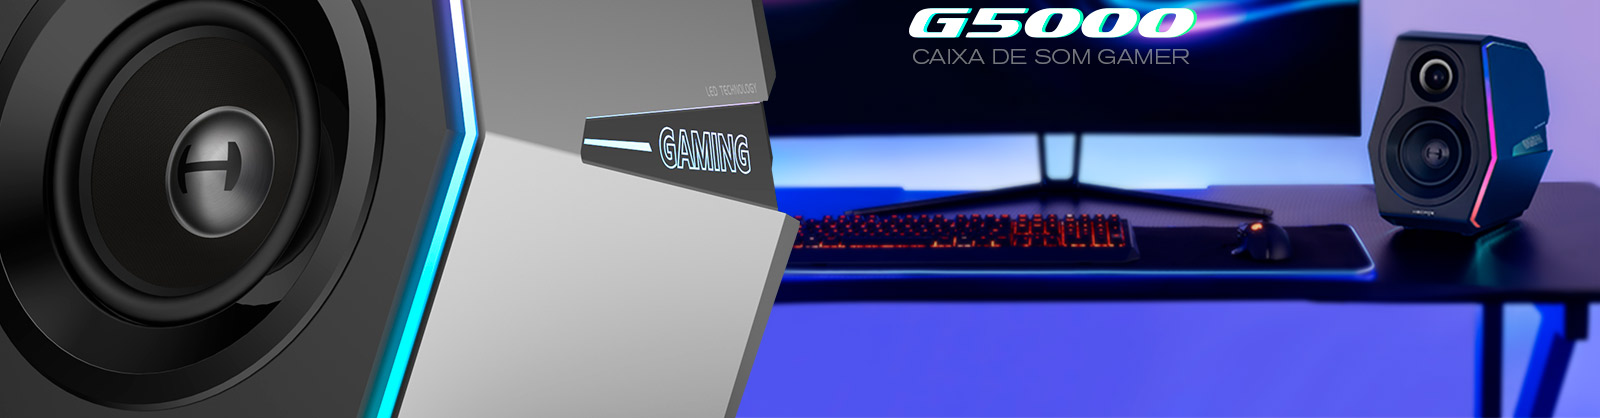 caixa de som gamer com LED dinâmico